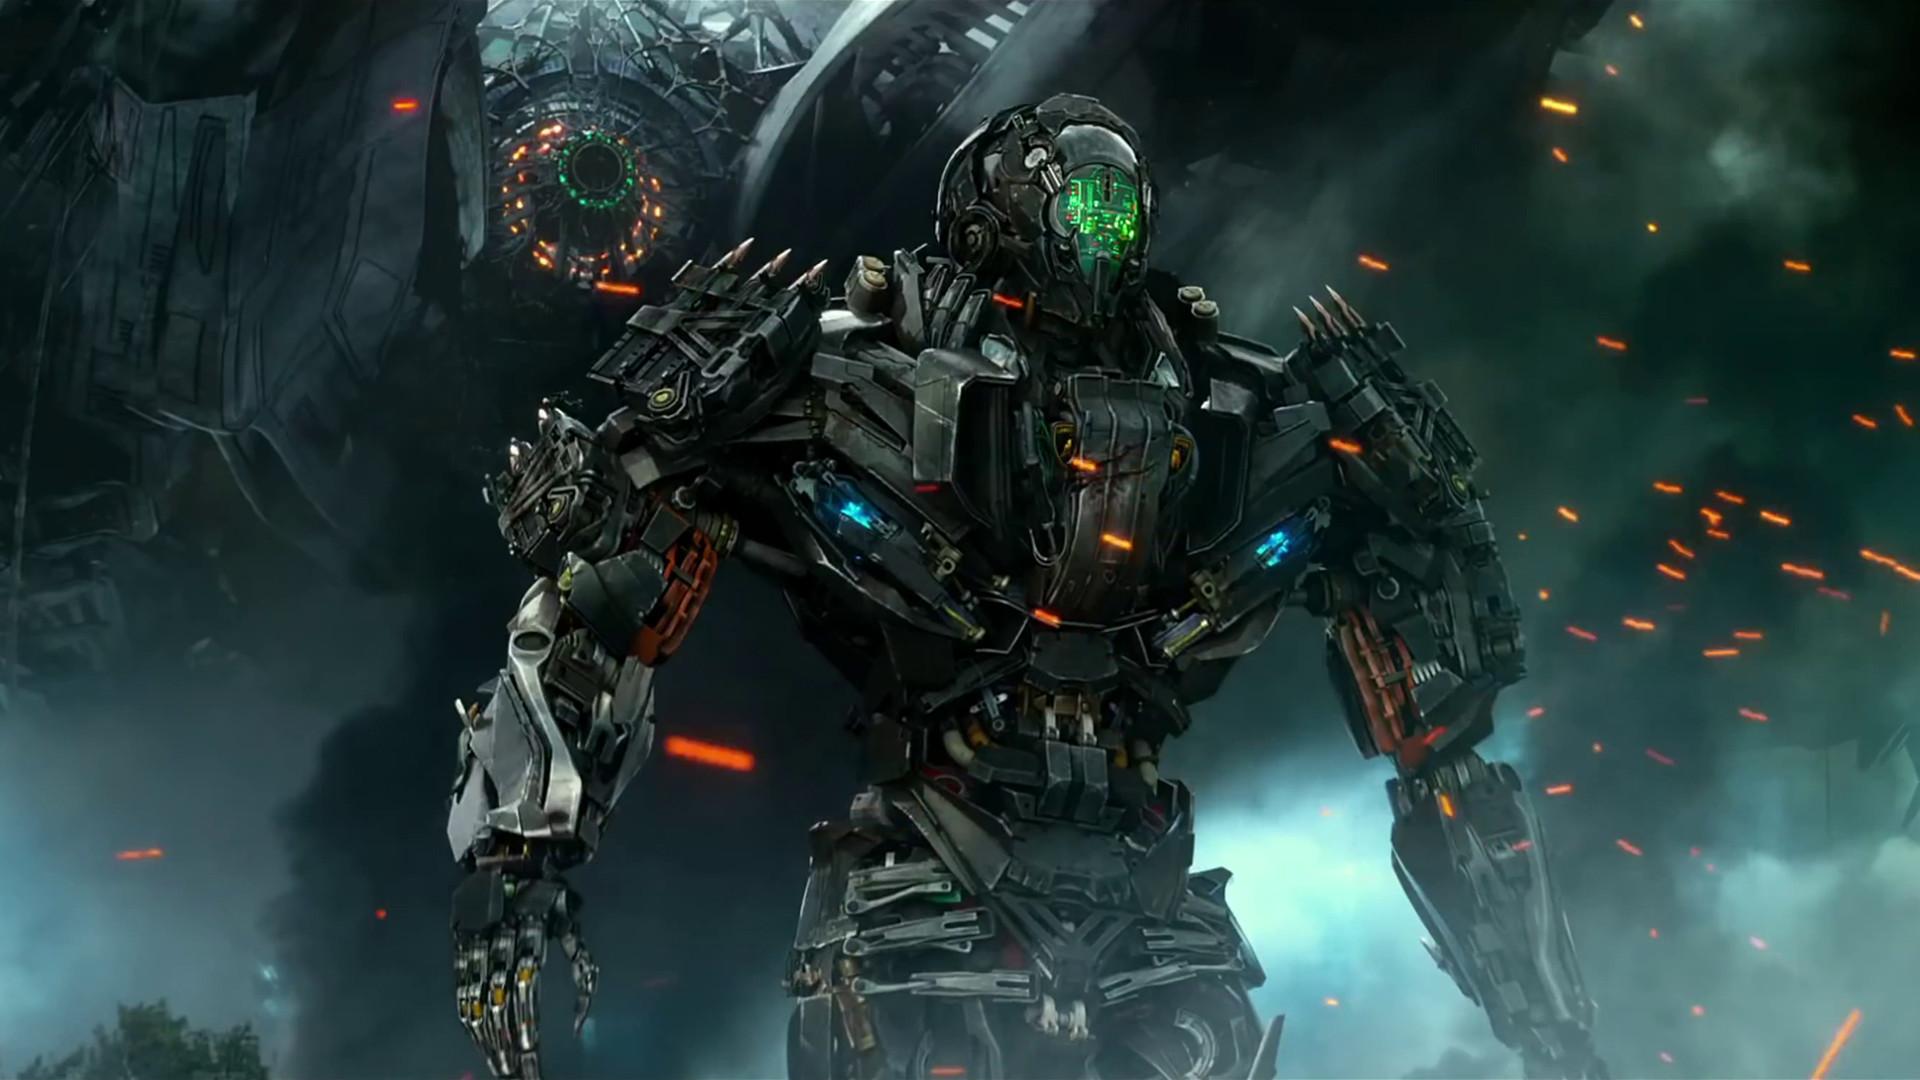 Res: 1920x1080, Transformers-HD-desktop-wallpaper 4